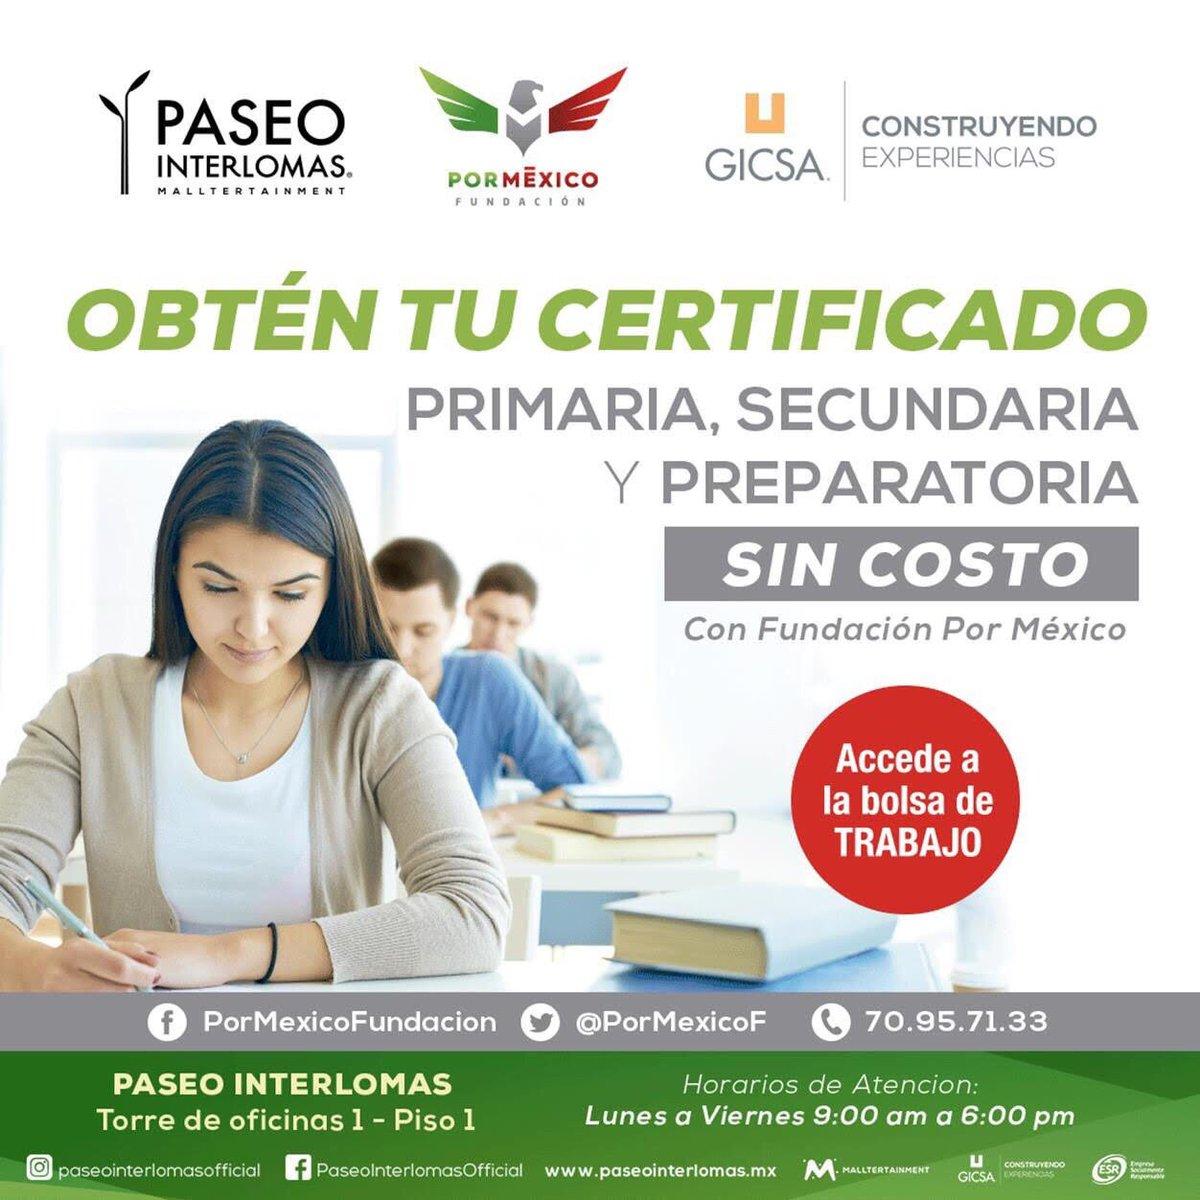 En el #AulaPorMéxico® -ubicada en @paseointer- impulsamos el desarrollo de programas educativos no tradicionales para ayudar a la población más vulnerable a obtener su Certificado de #EducaciónBásica, Media y Media Superior completamente #GRATIS.   ¡Inscríbete!